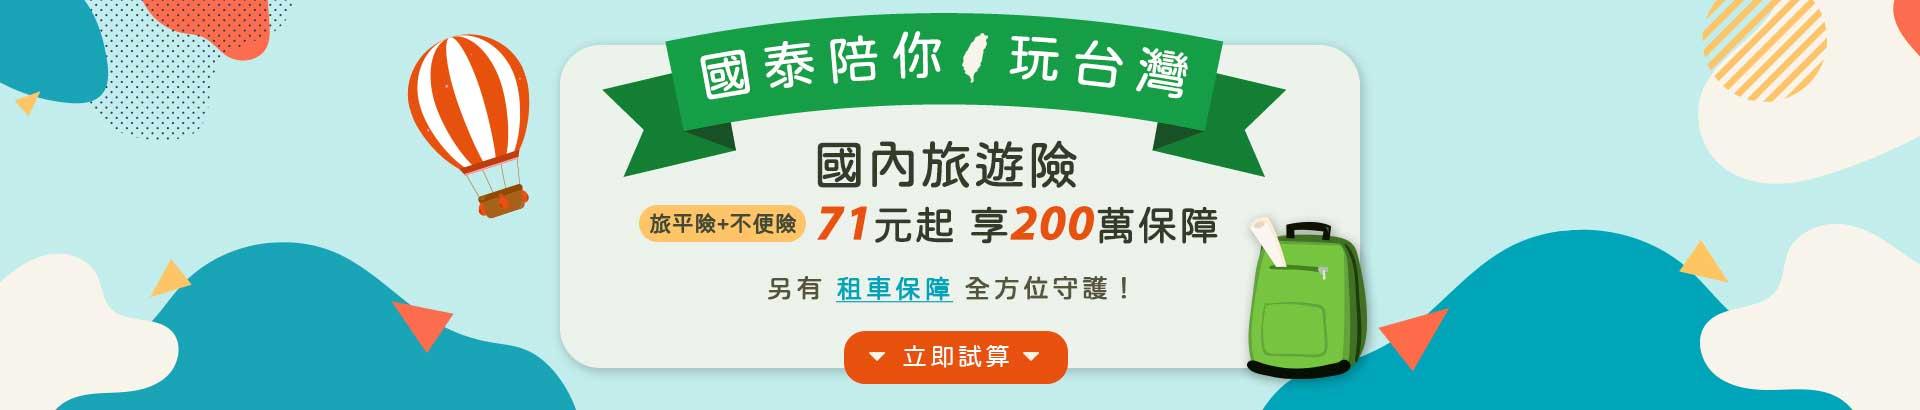 就愛玩台灣 國內旅遊險投保抽大獎